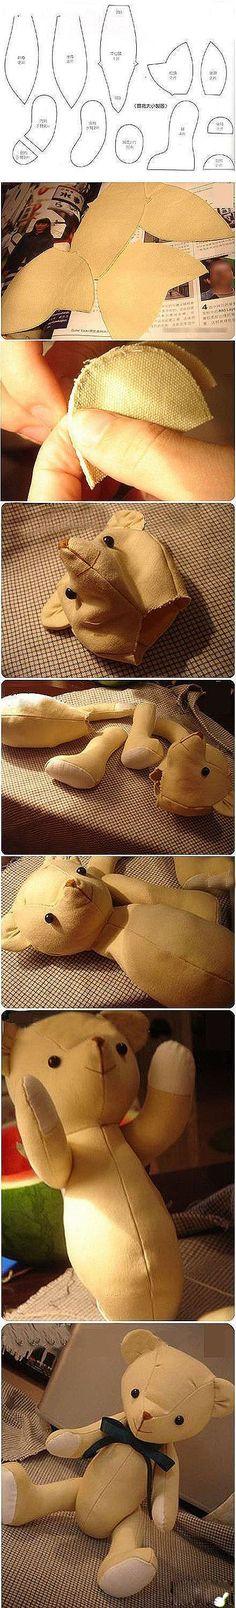 sewing a teddy bear picture tutorial Diy Teddy Bear, Cute Teddy Bears, Sewing Toys, Sewing Crafts, Sewing Projects, Felt Crafts, Fabric Crafts, Diy Crafts, Softies